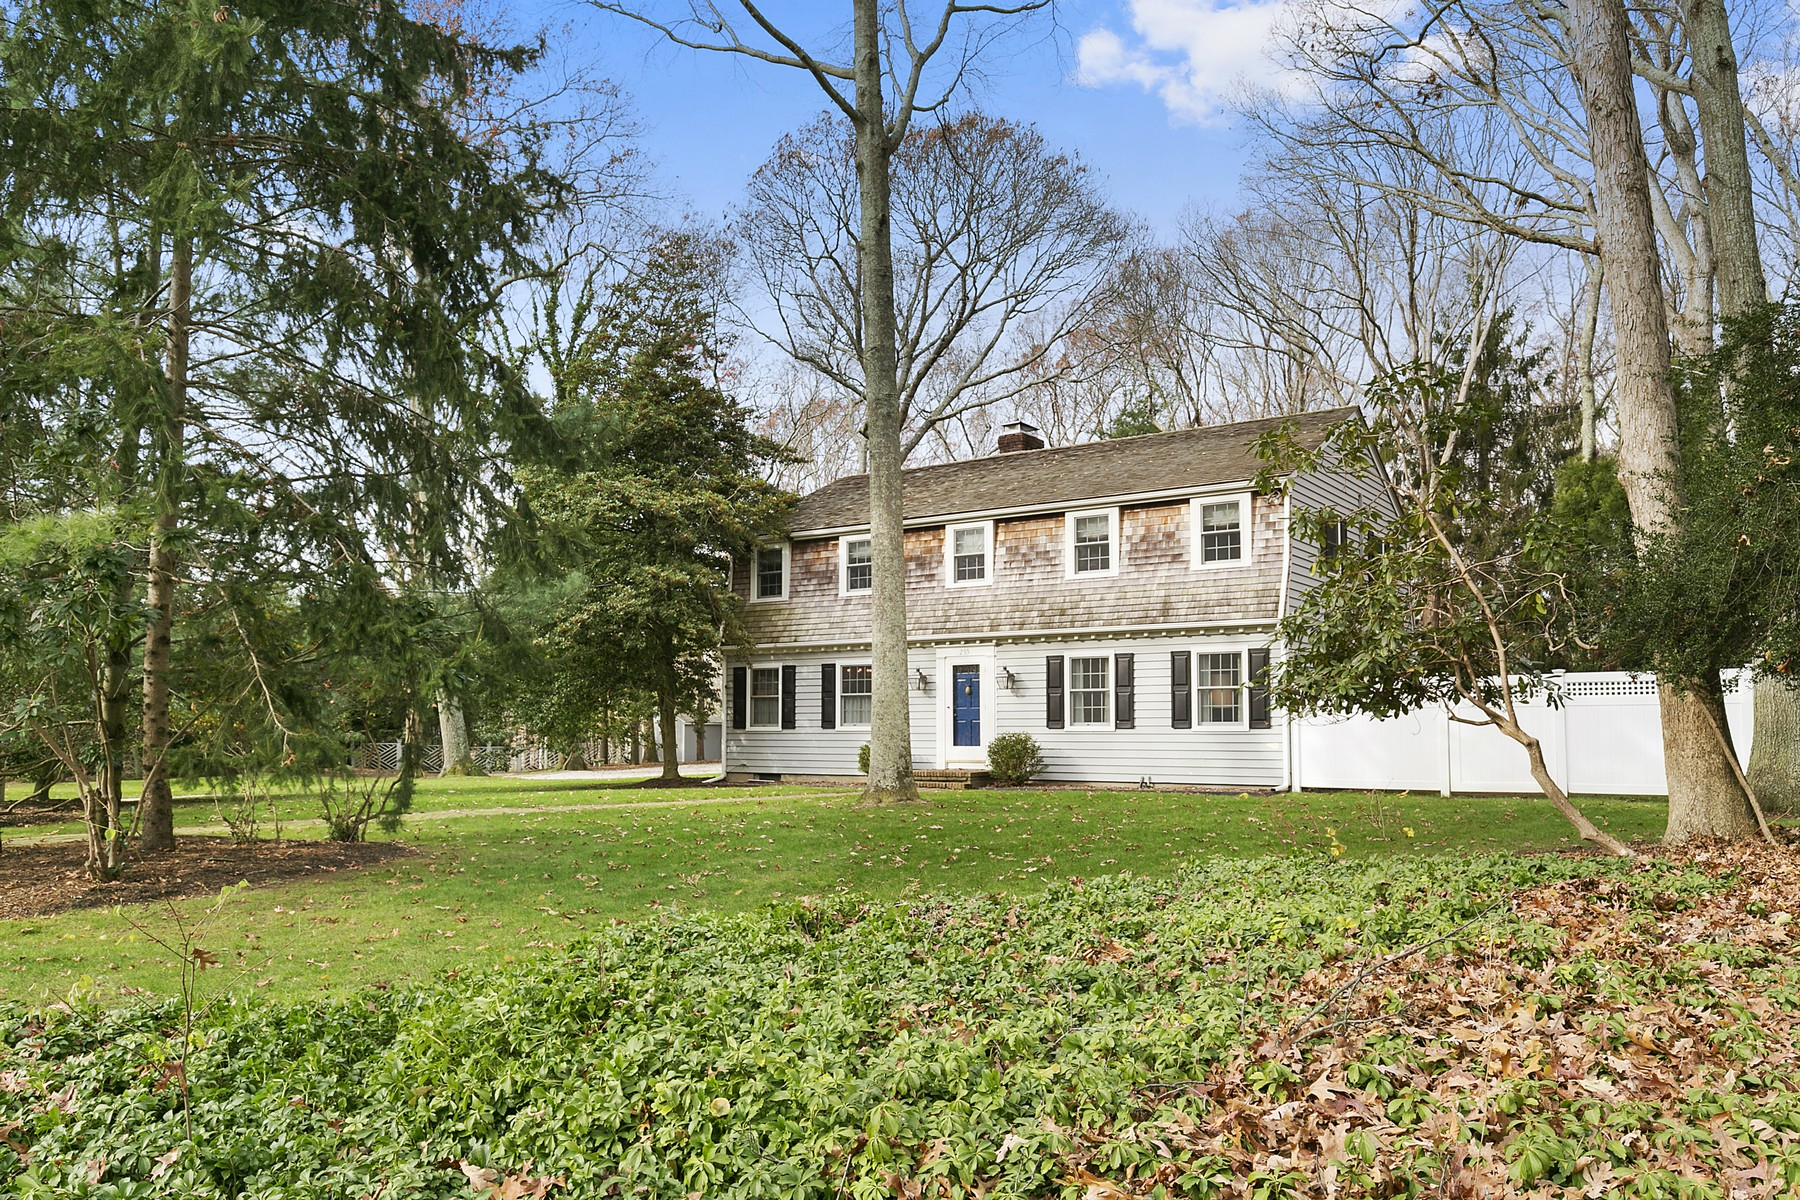 Tek Ailelik Ev için Satış at Colonial 255 Lupen Dr Cutchogue, New York, 11935 Amerika Birleşik Devletleri